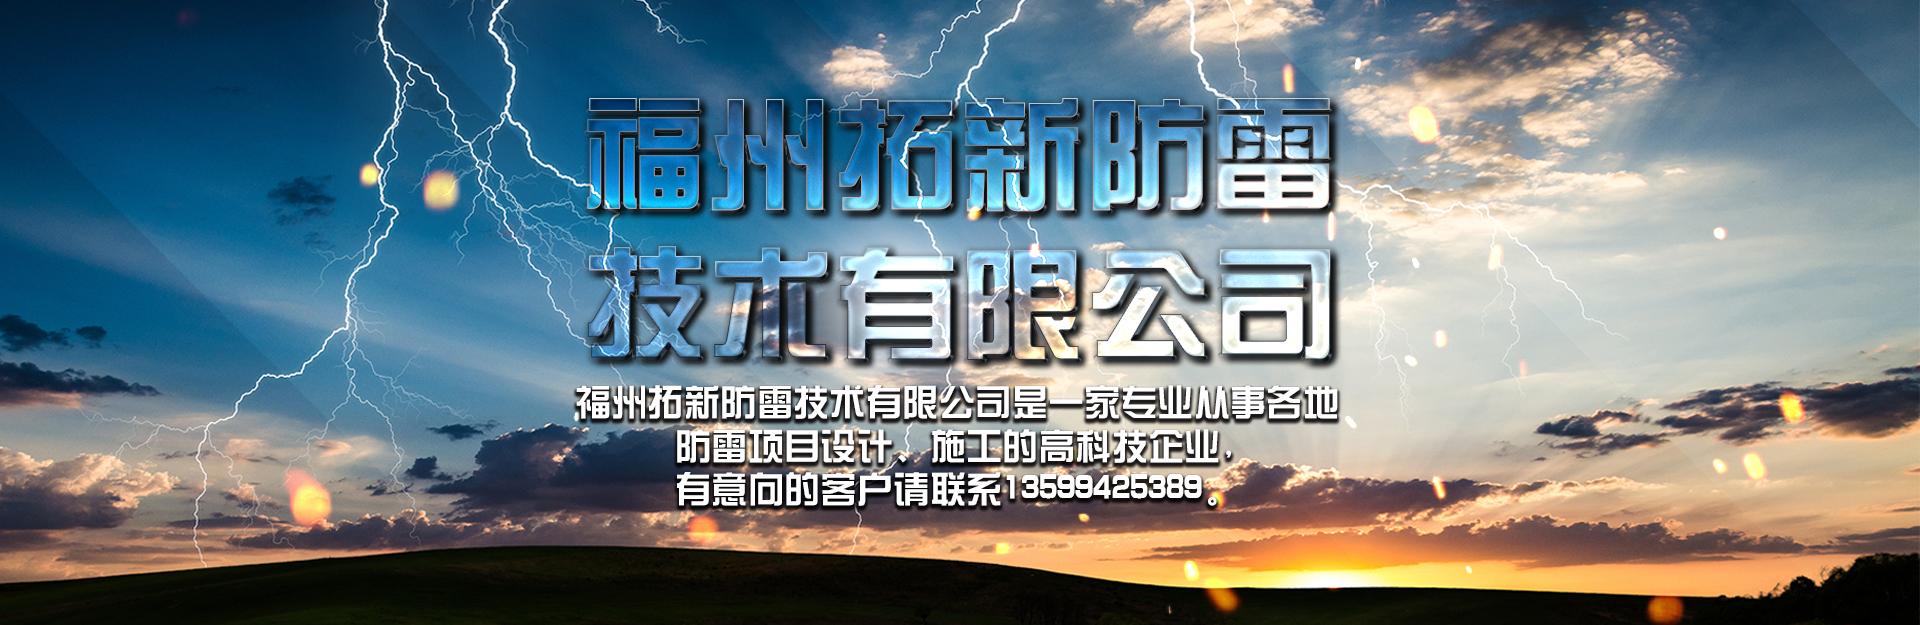 福州拓新万博体育app登录技术有限公司